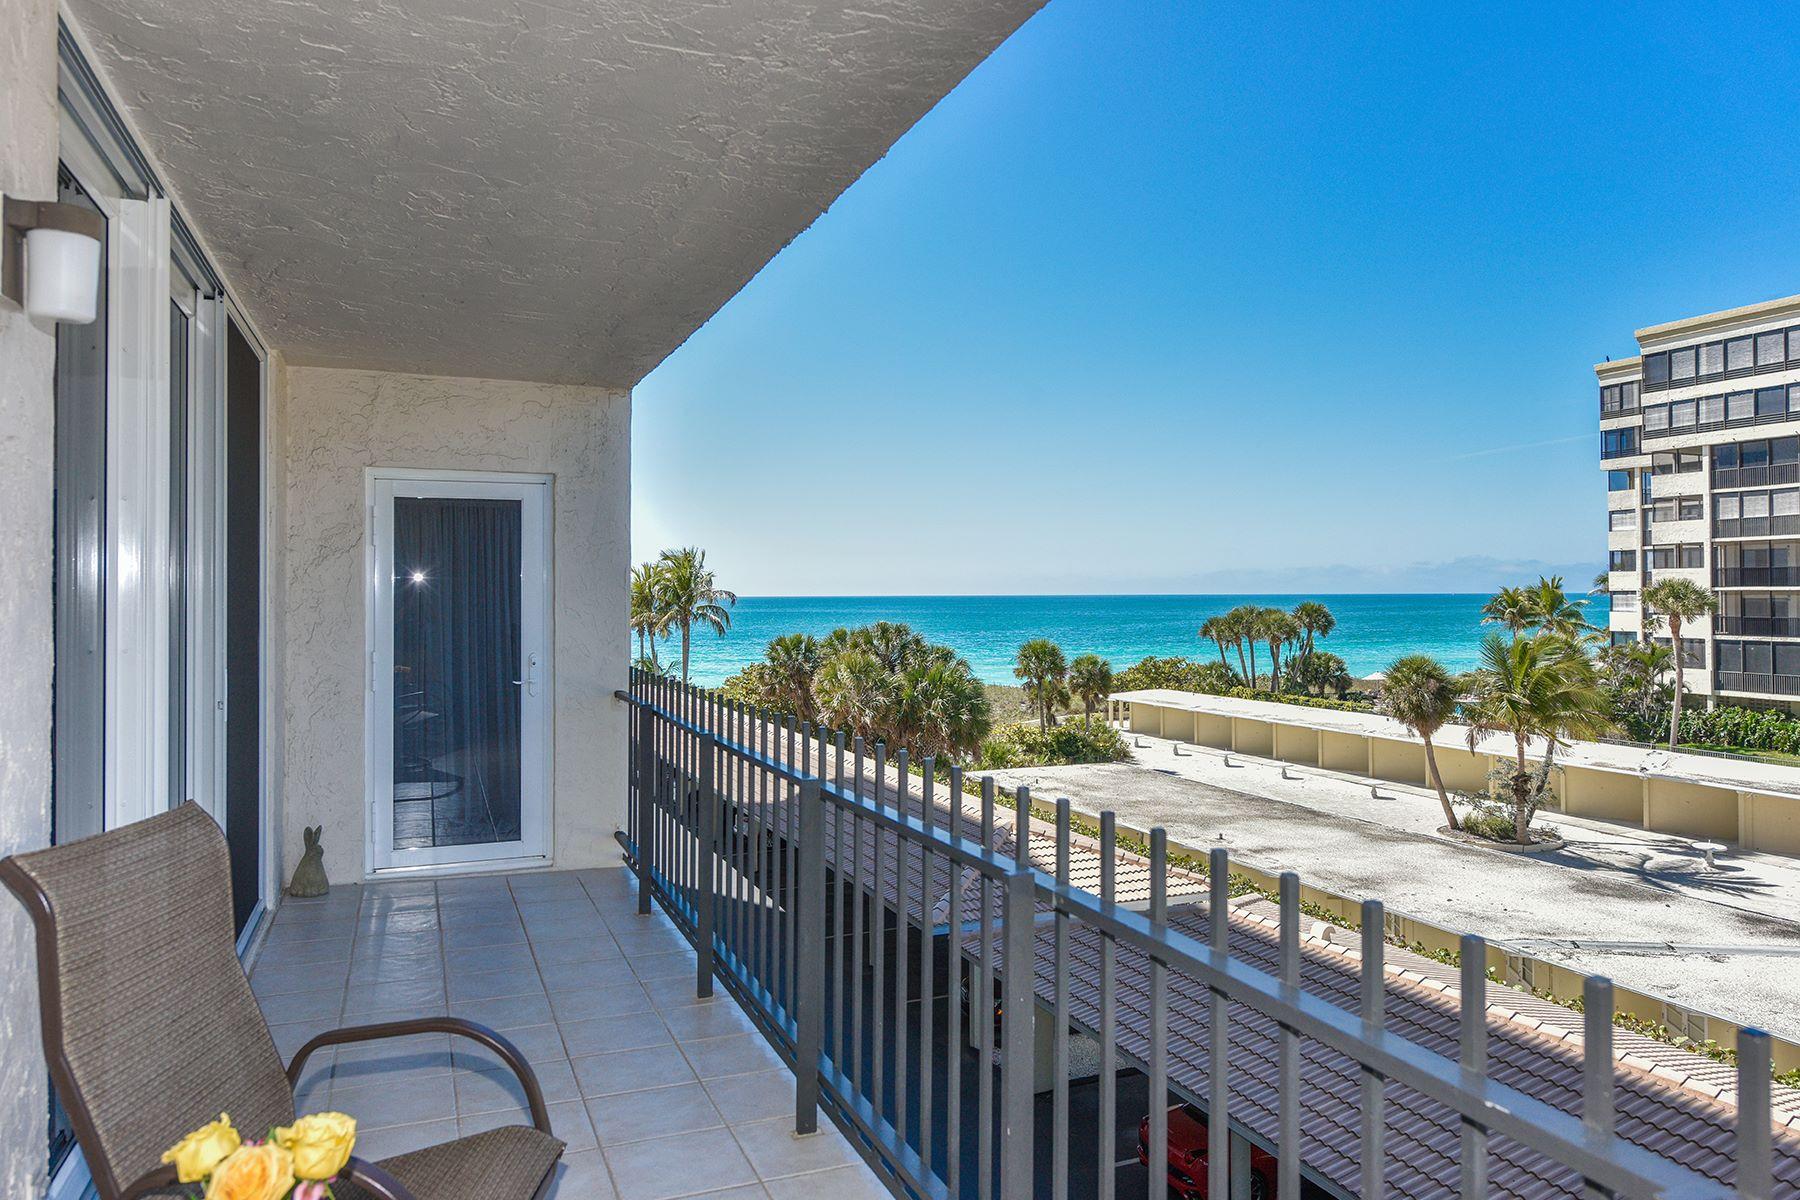 共管式独立产权公寓 为 销售 在 LIDO BEACH 1212 Benjamin Franklin Dr 308 萨拉索塔, 佛罗里达州, 34236 美国